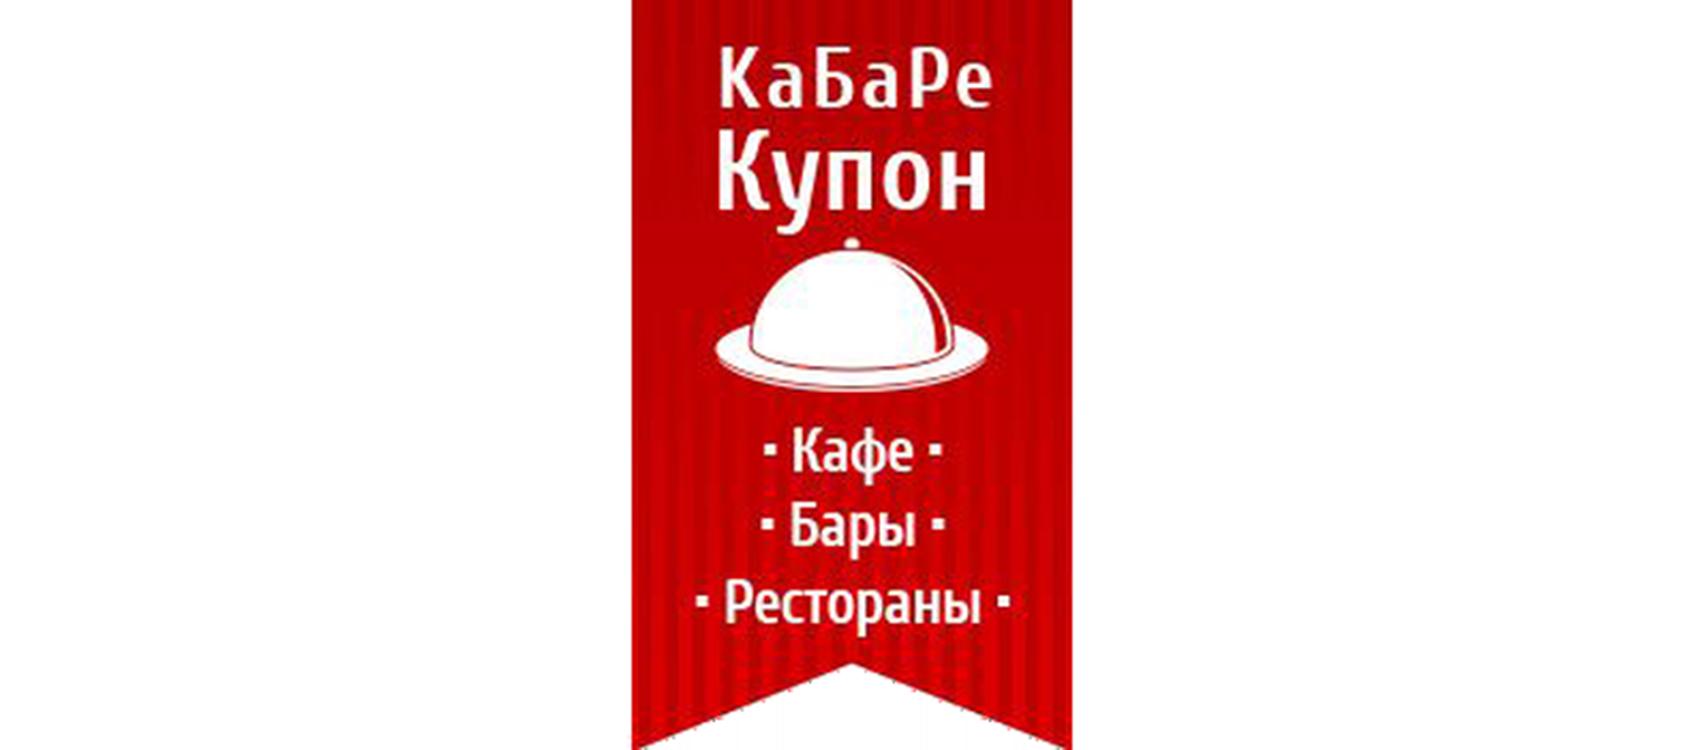 Кабаре Купон  (Киев)